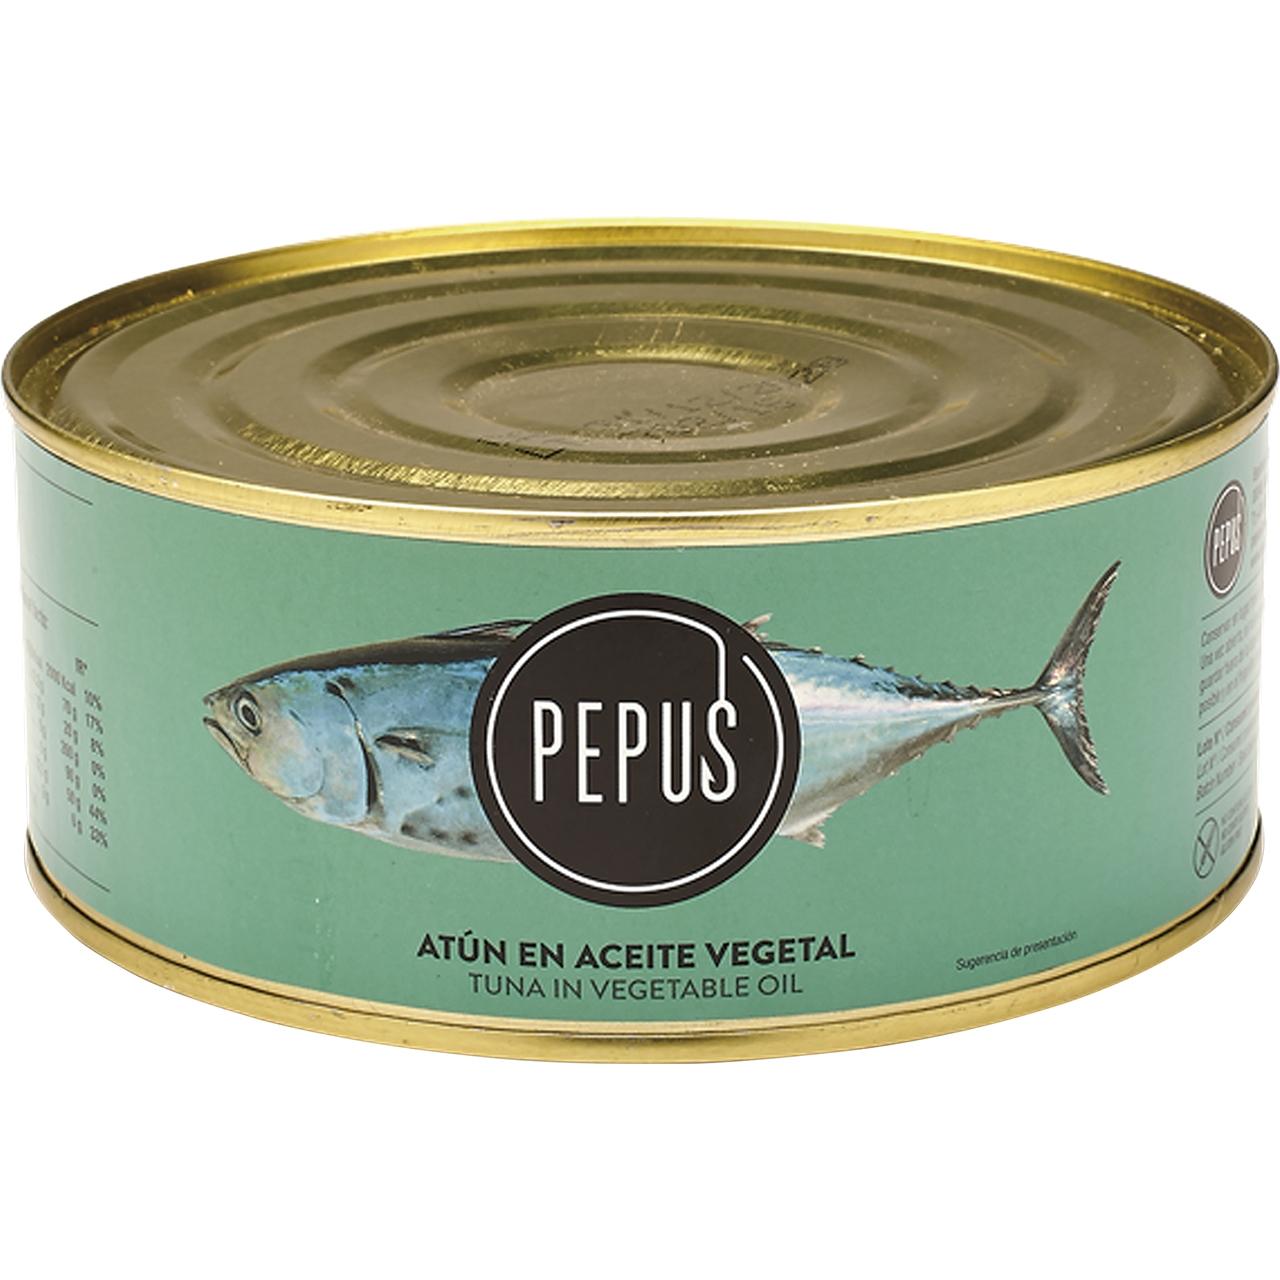 Atún en aceite vegetal RO-900 Pepus